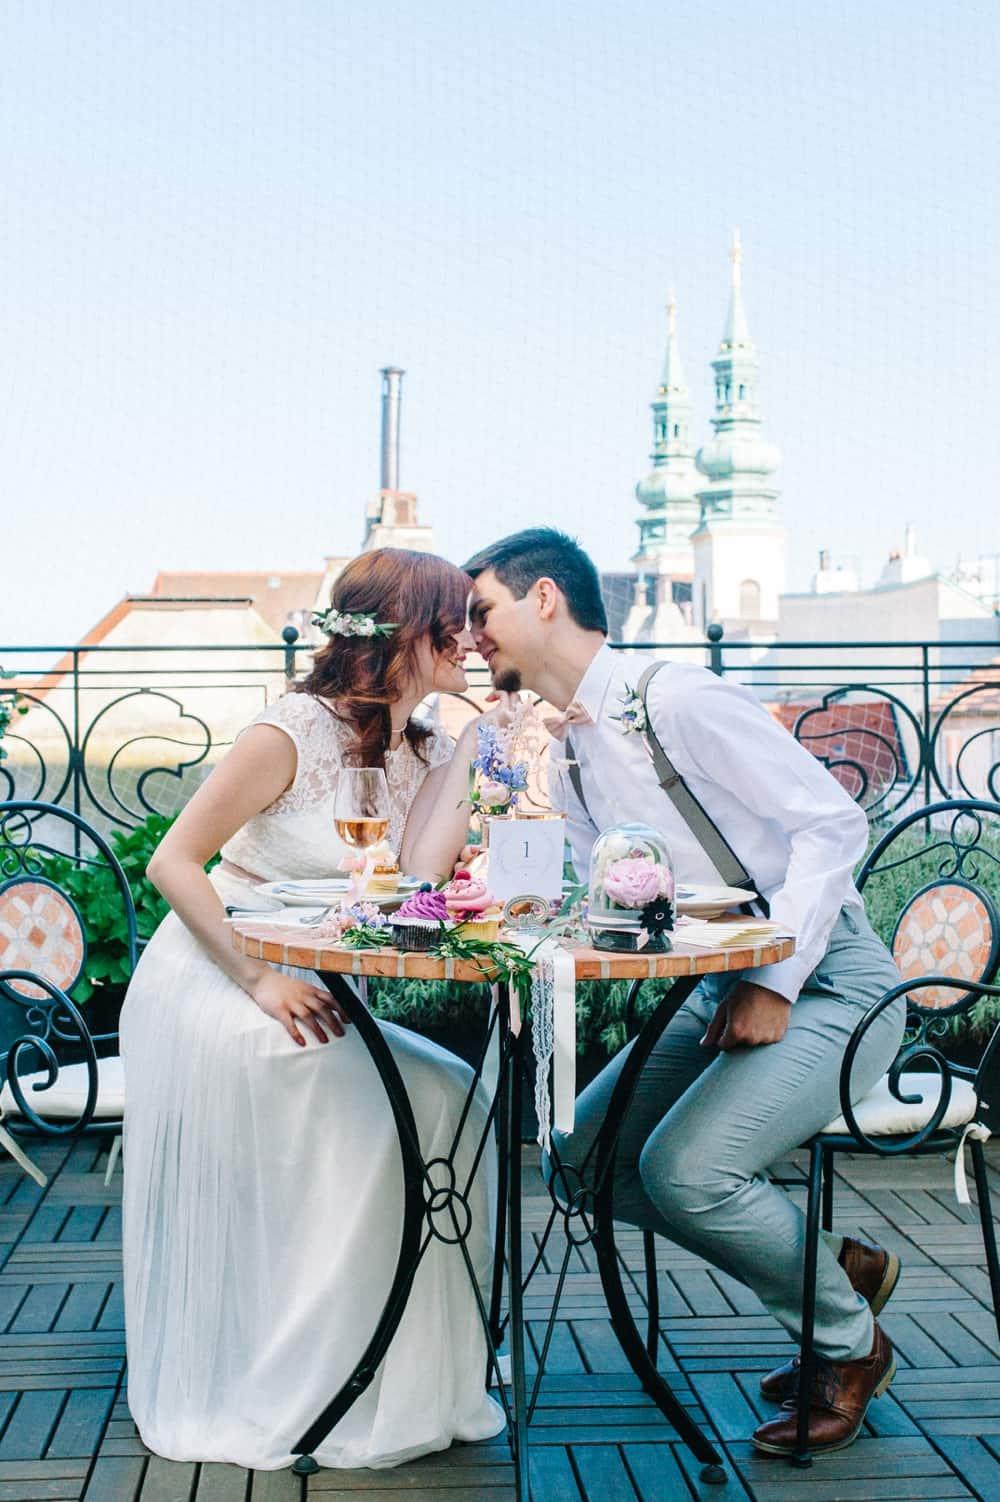 hochzeitsfotograf_thomasschwede_after_wedding_fotos_in_wien_0695